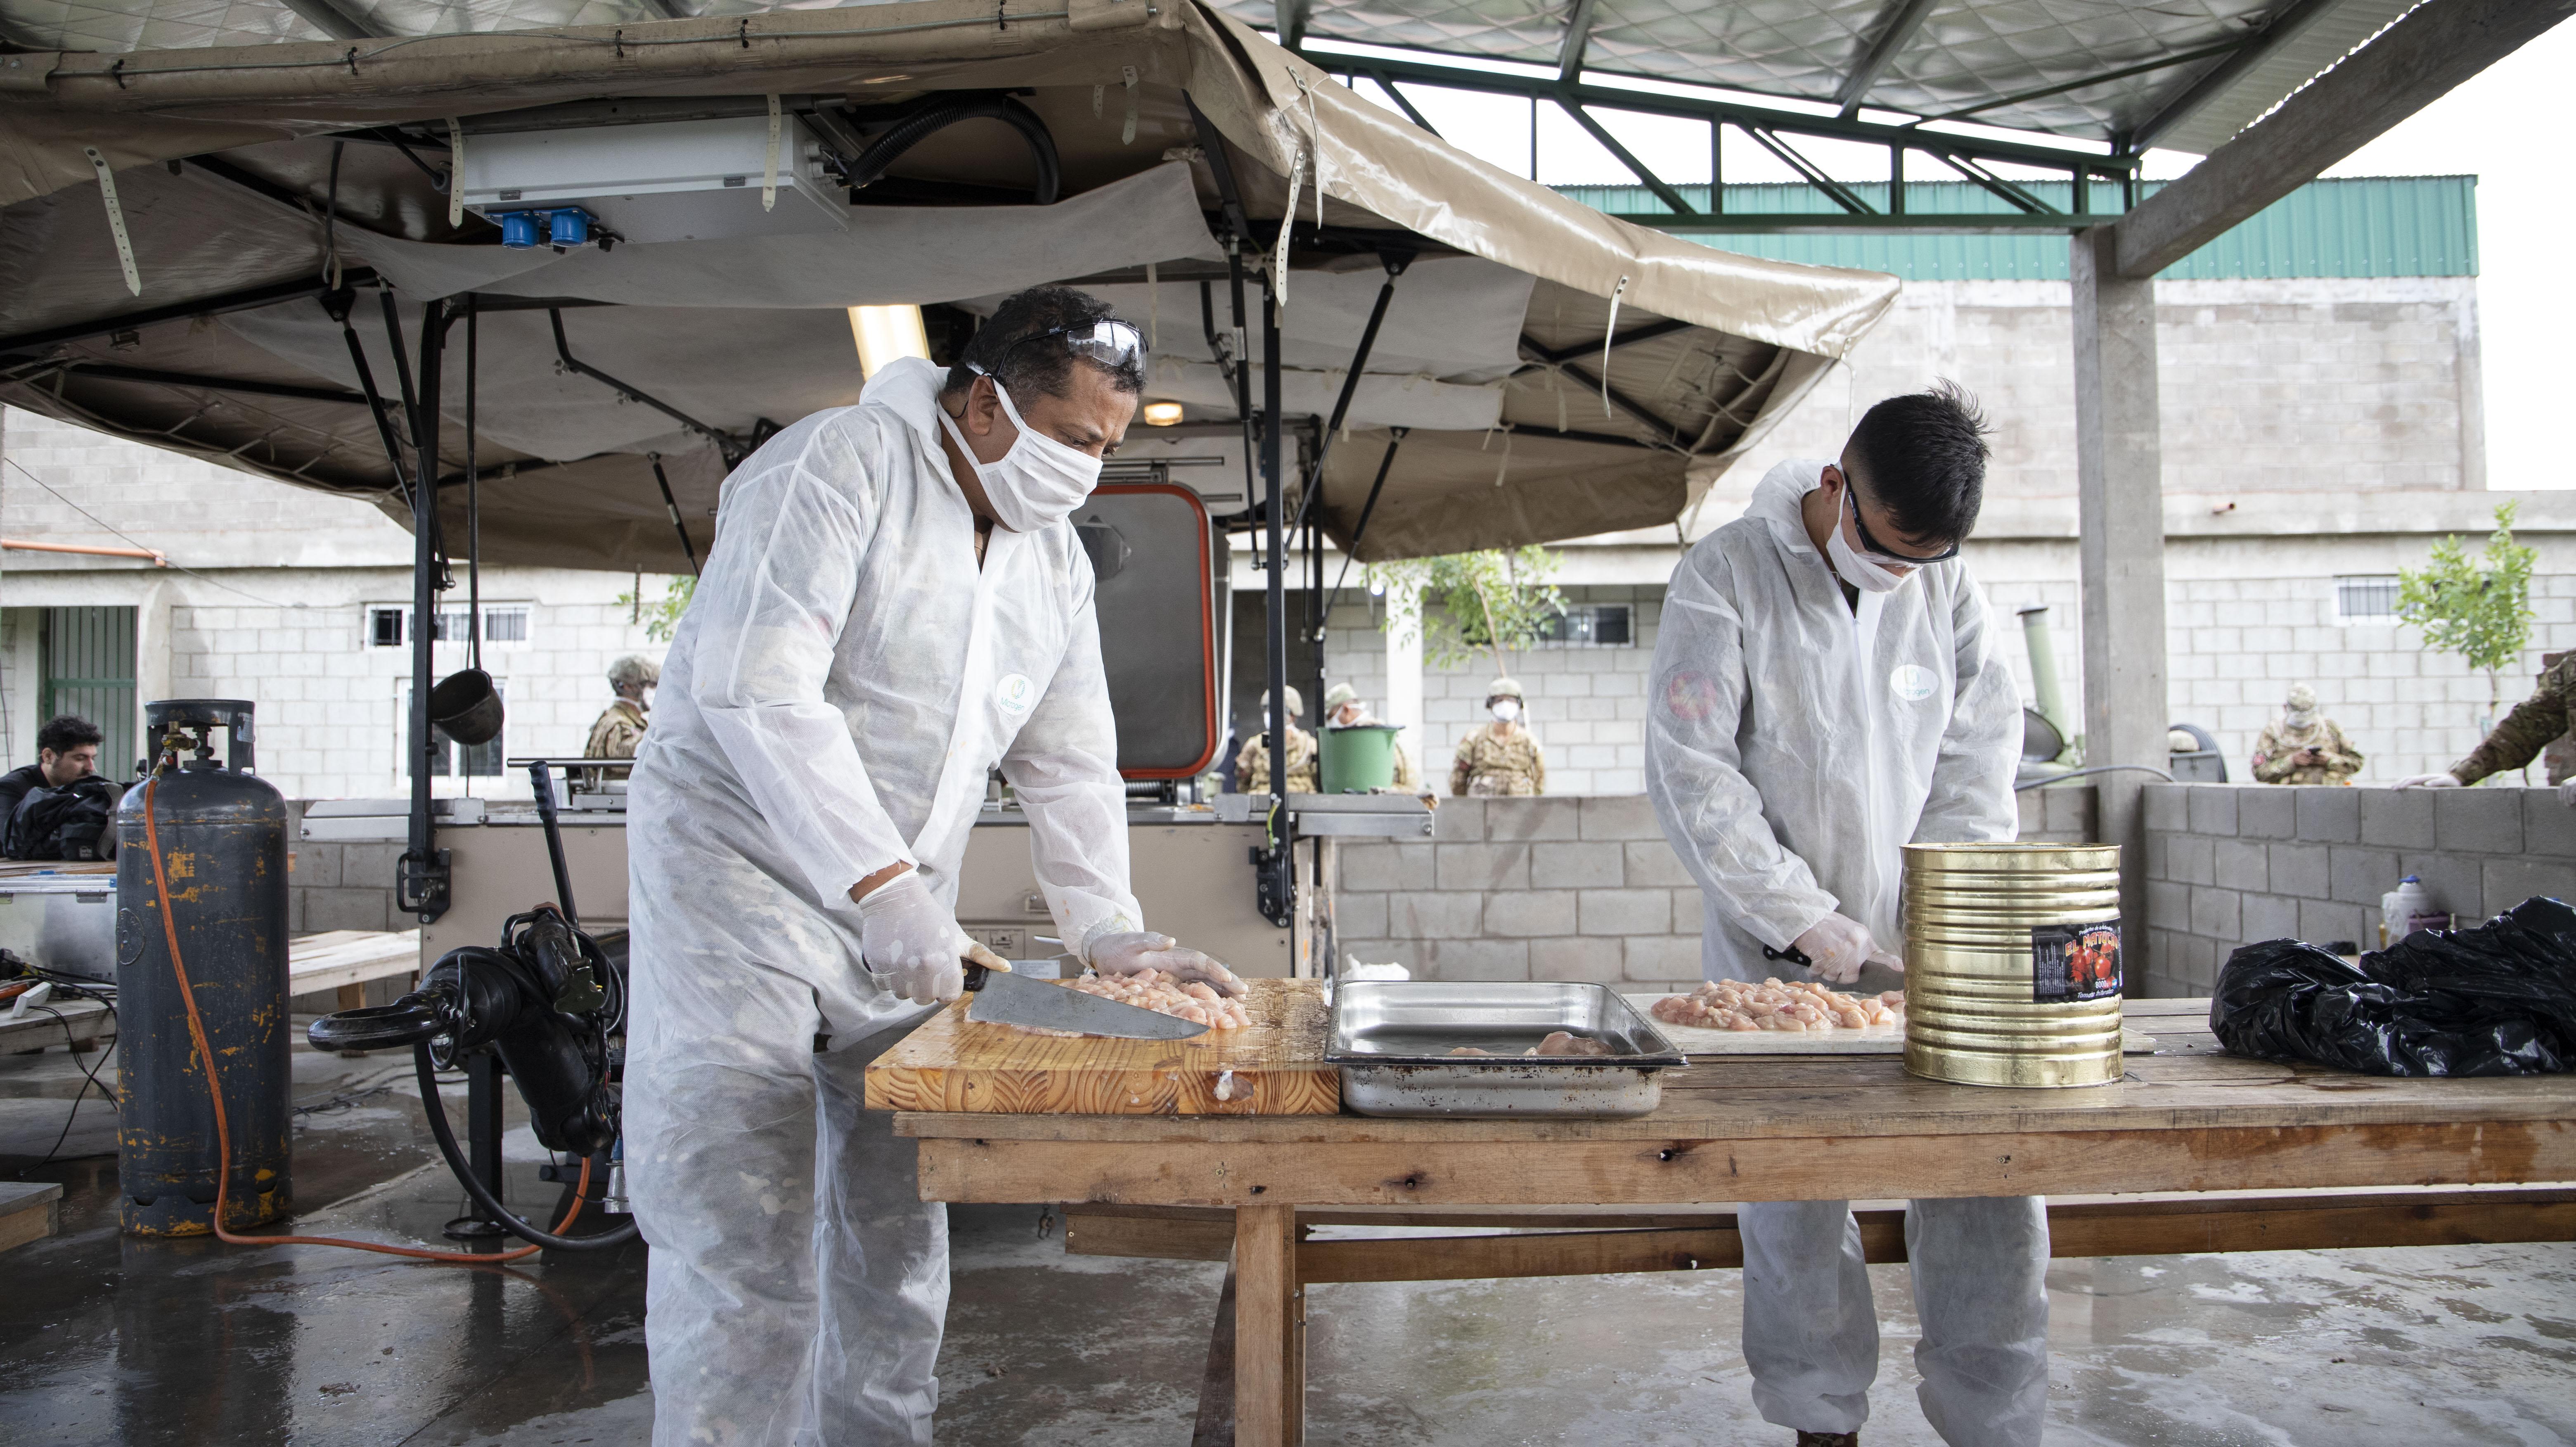 Los cocineros trabajaron con trajes y barbijos especiales para cuidar la higiene